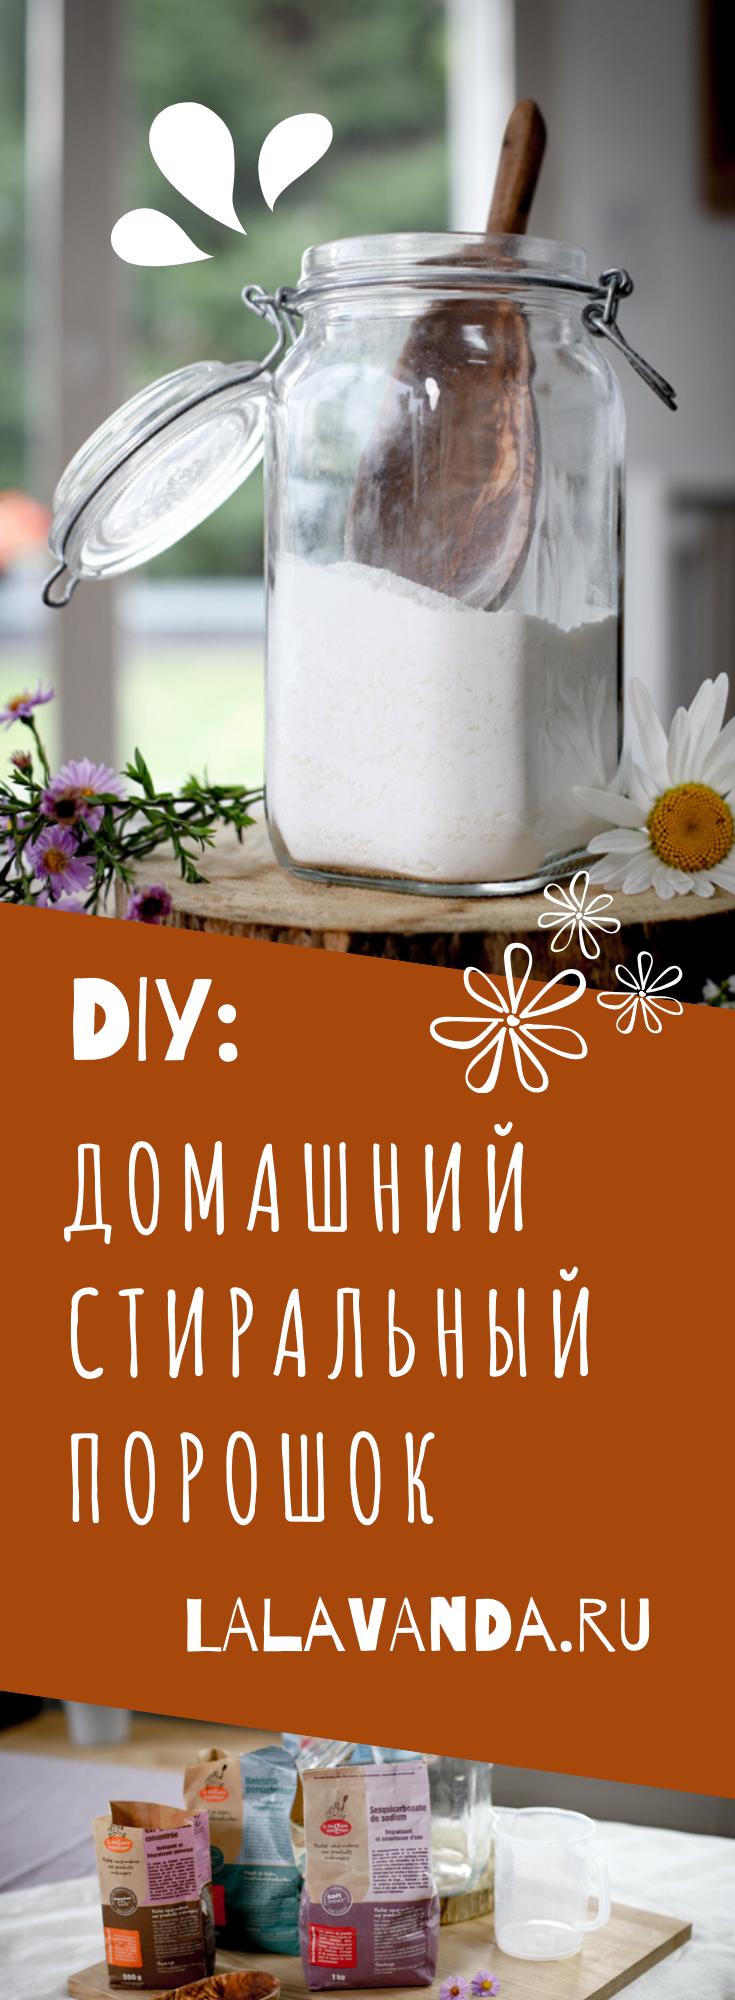 Как сделать домашний стиральный порошок